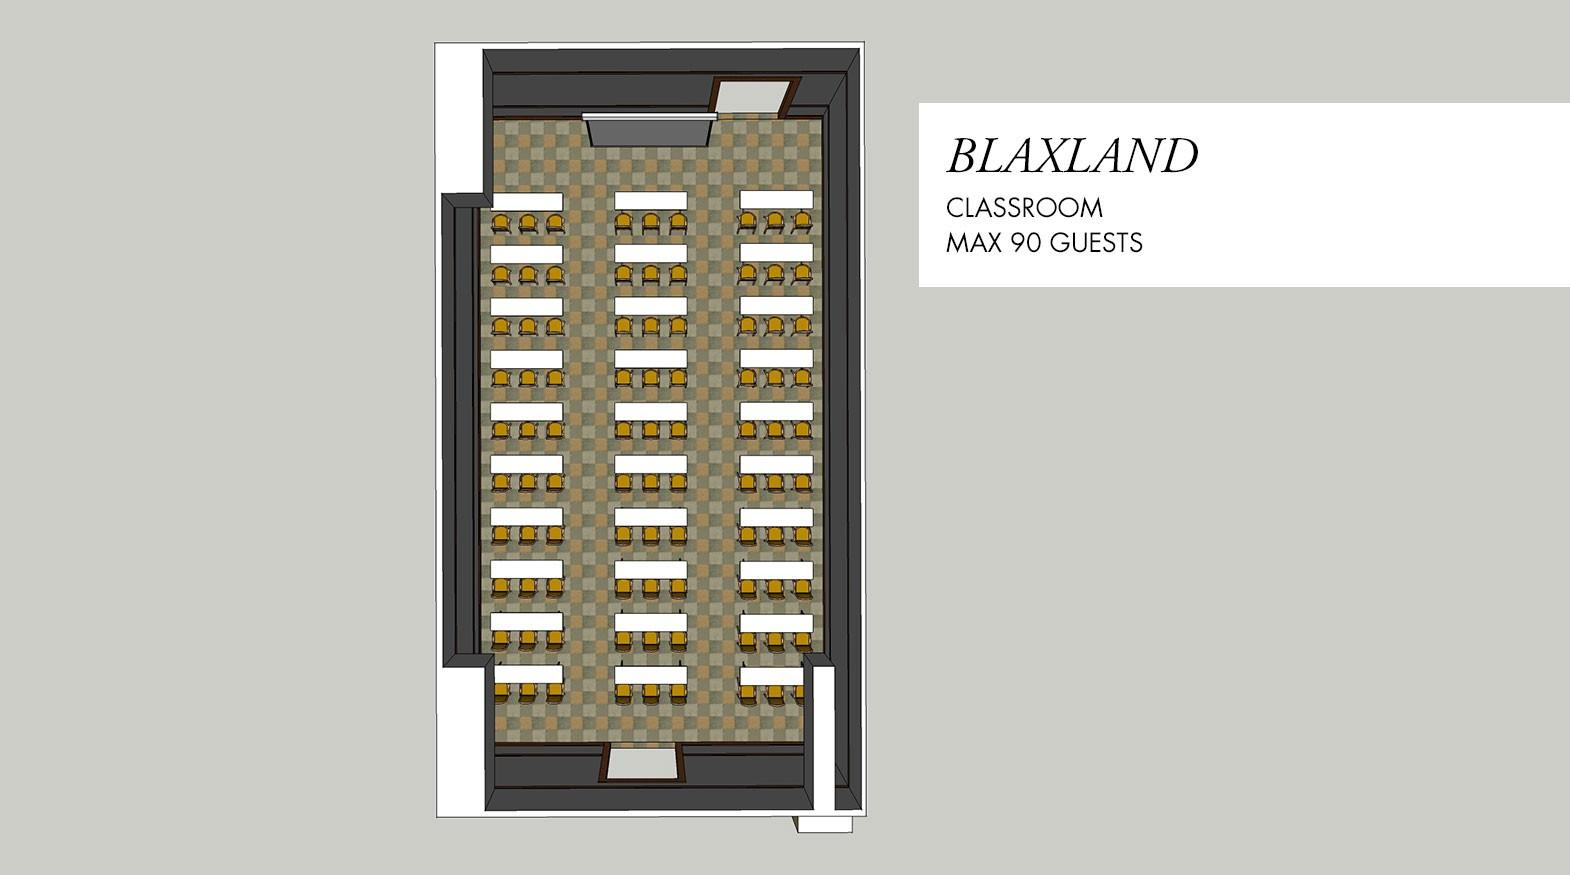 Blaxland-classroom1.jpg